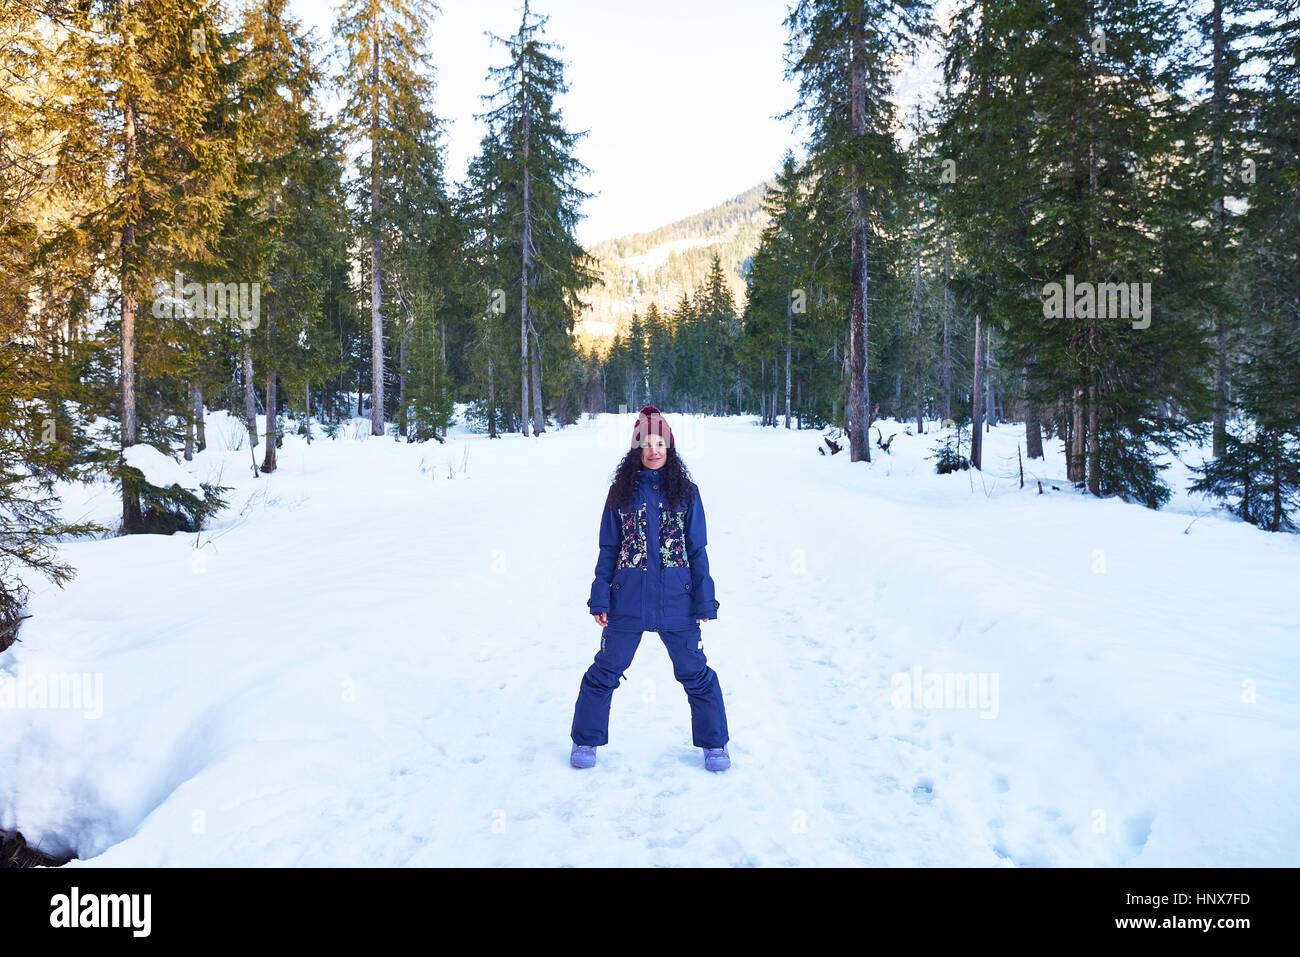 Porträt der Frau im stricken Hut und Winterkleidung im verschneiten Wald, Österreich Stockbild